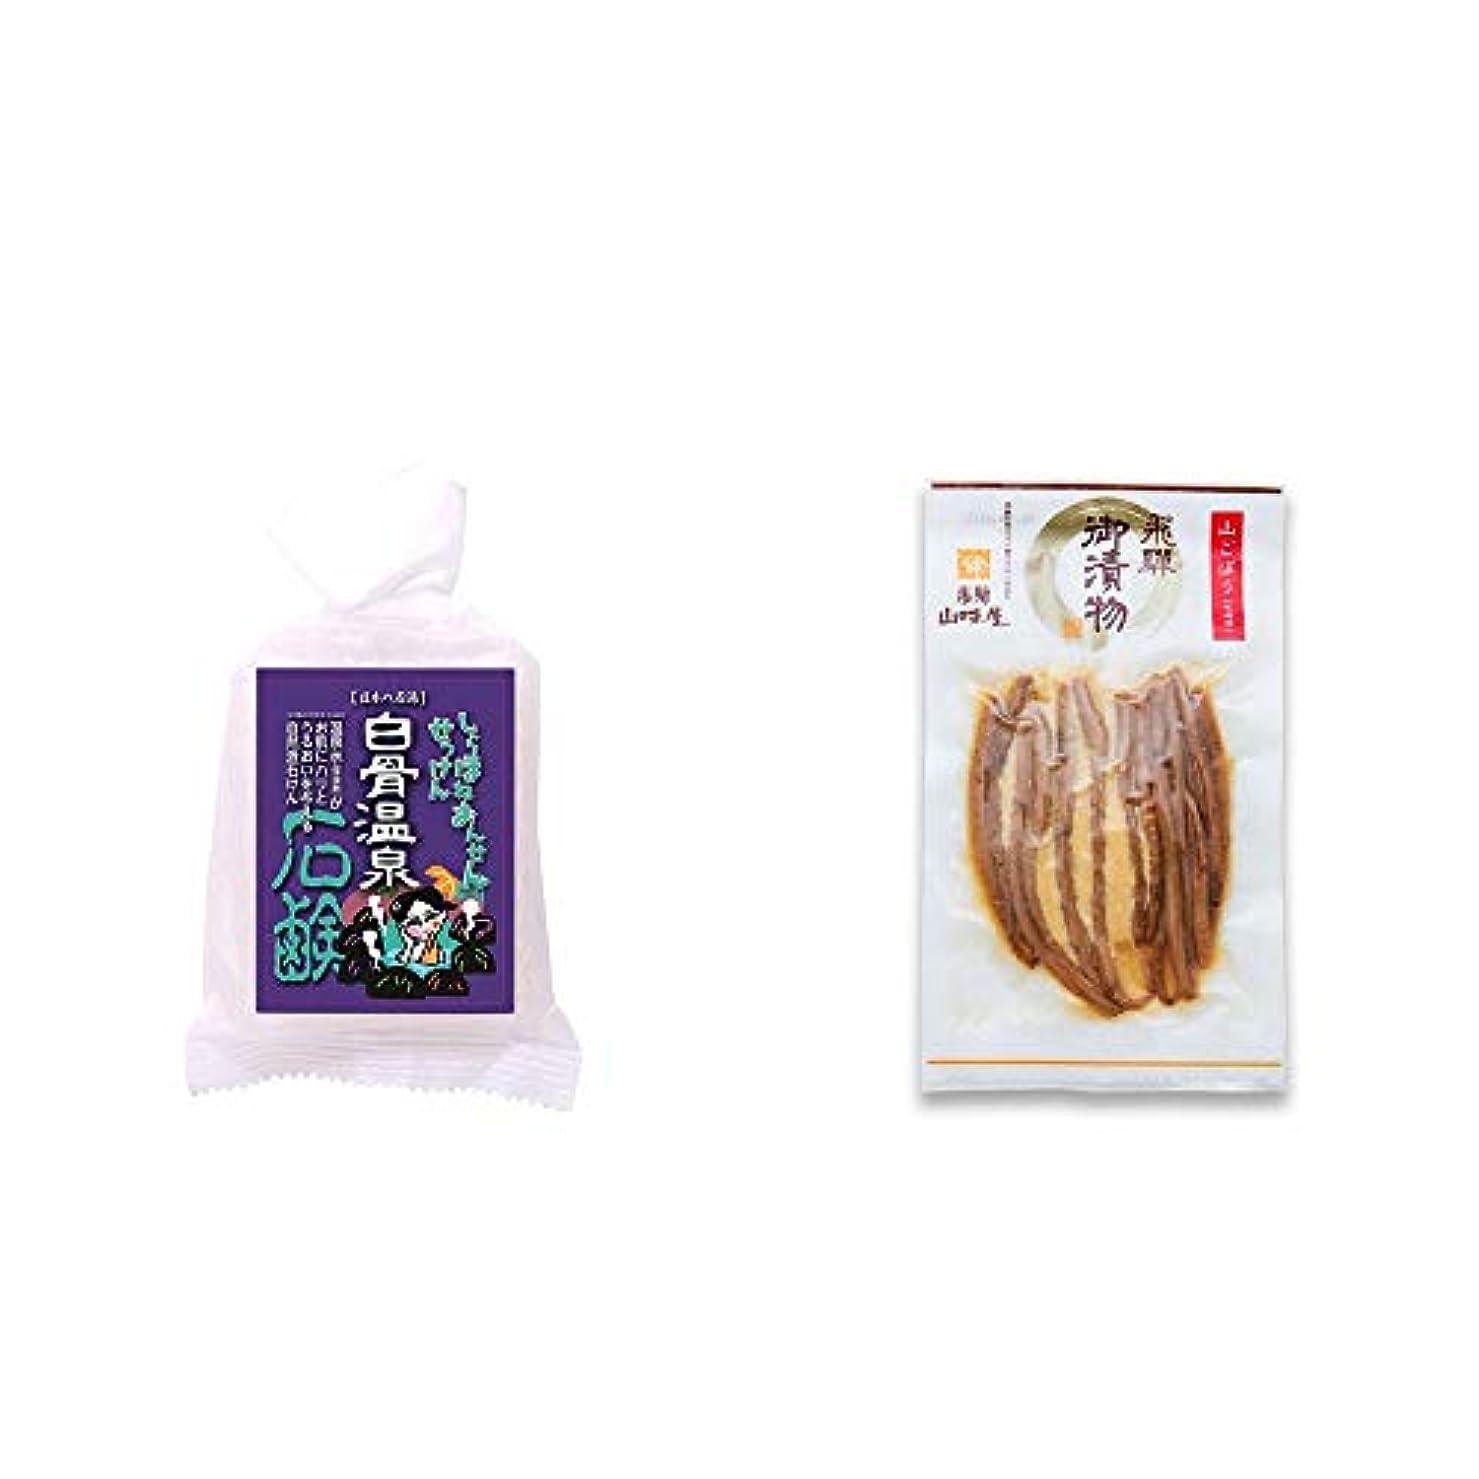 サイクル不器用メダル[2点セット] 信州 白骨温泉石鹸(80g)?飛騨山味屋 山ごぼう味噌漬(80g)